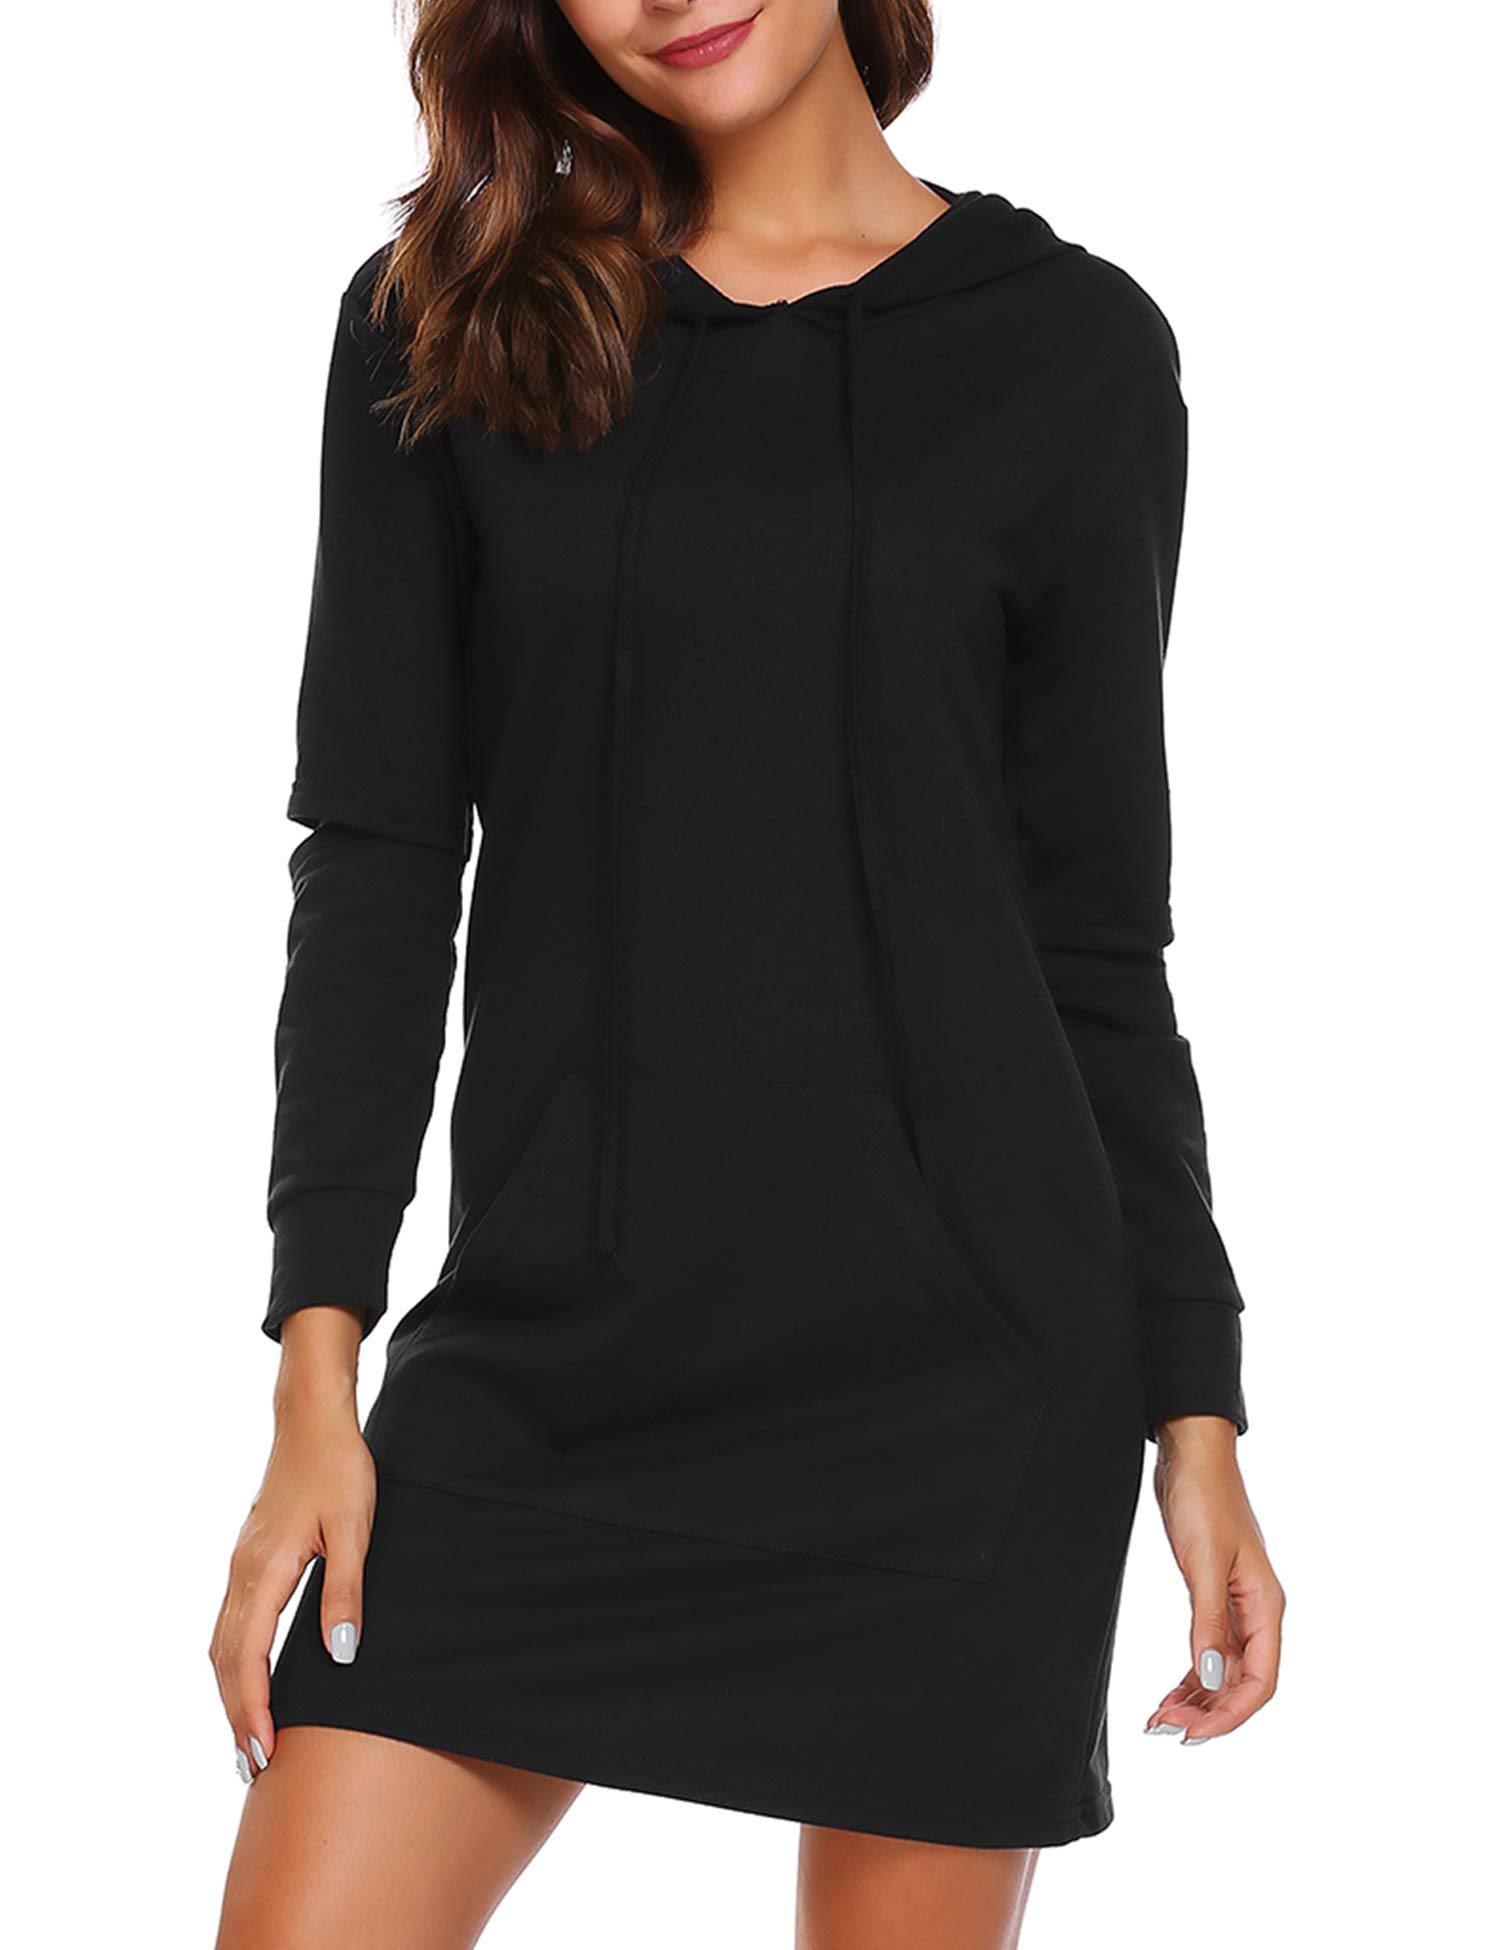 Zeagoo Women's Pullover Hoodie Sweatshirt Dress Loose Fit Long Sleeve with Kangaroo Pocket